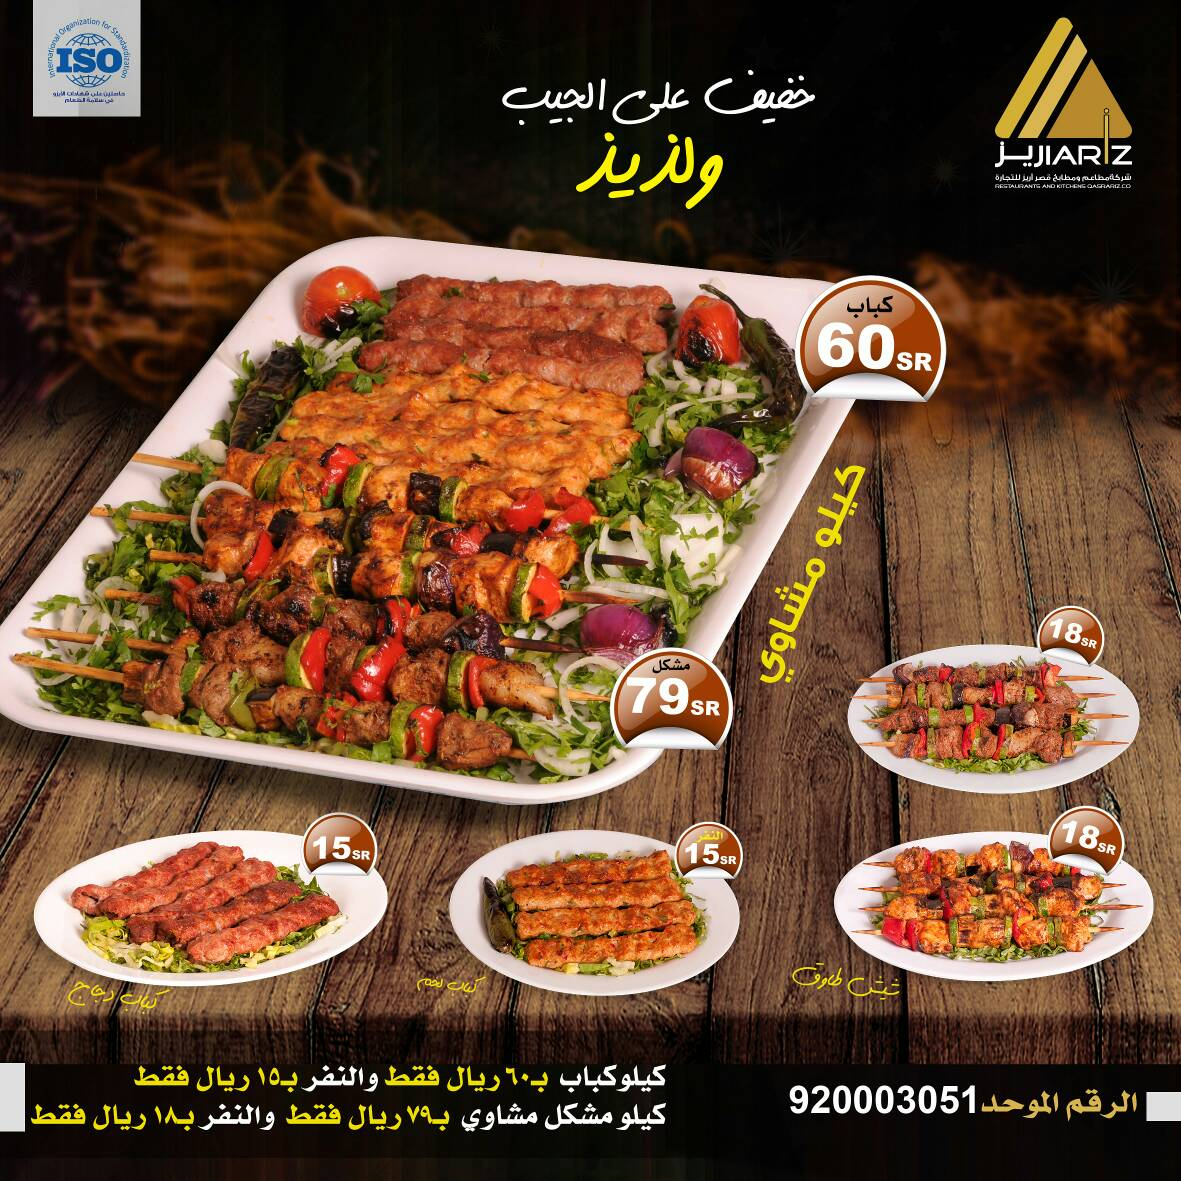 مطعم قصر اريز